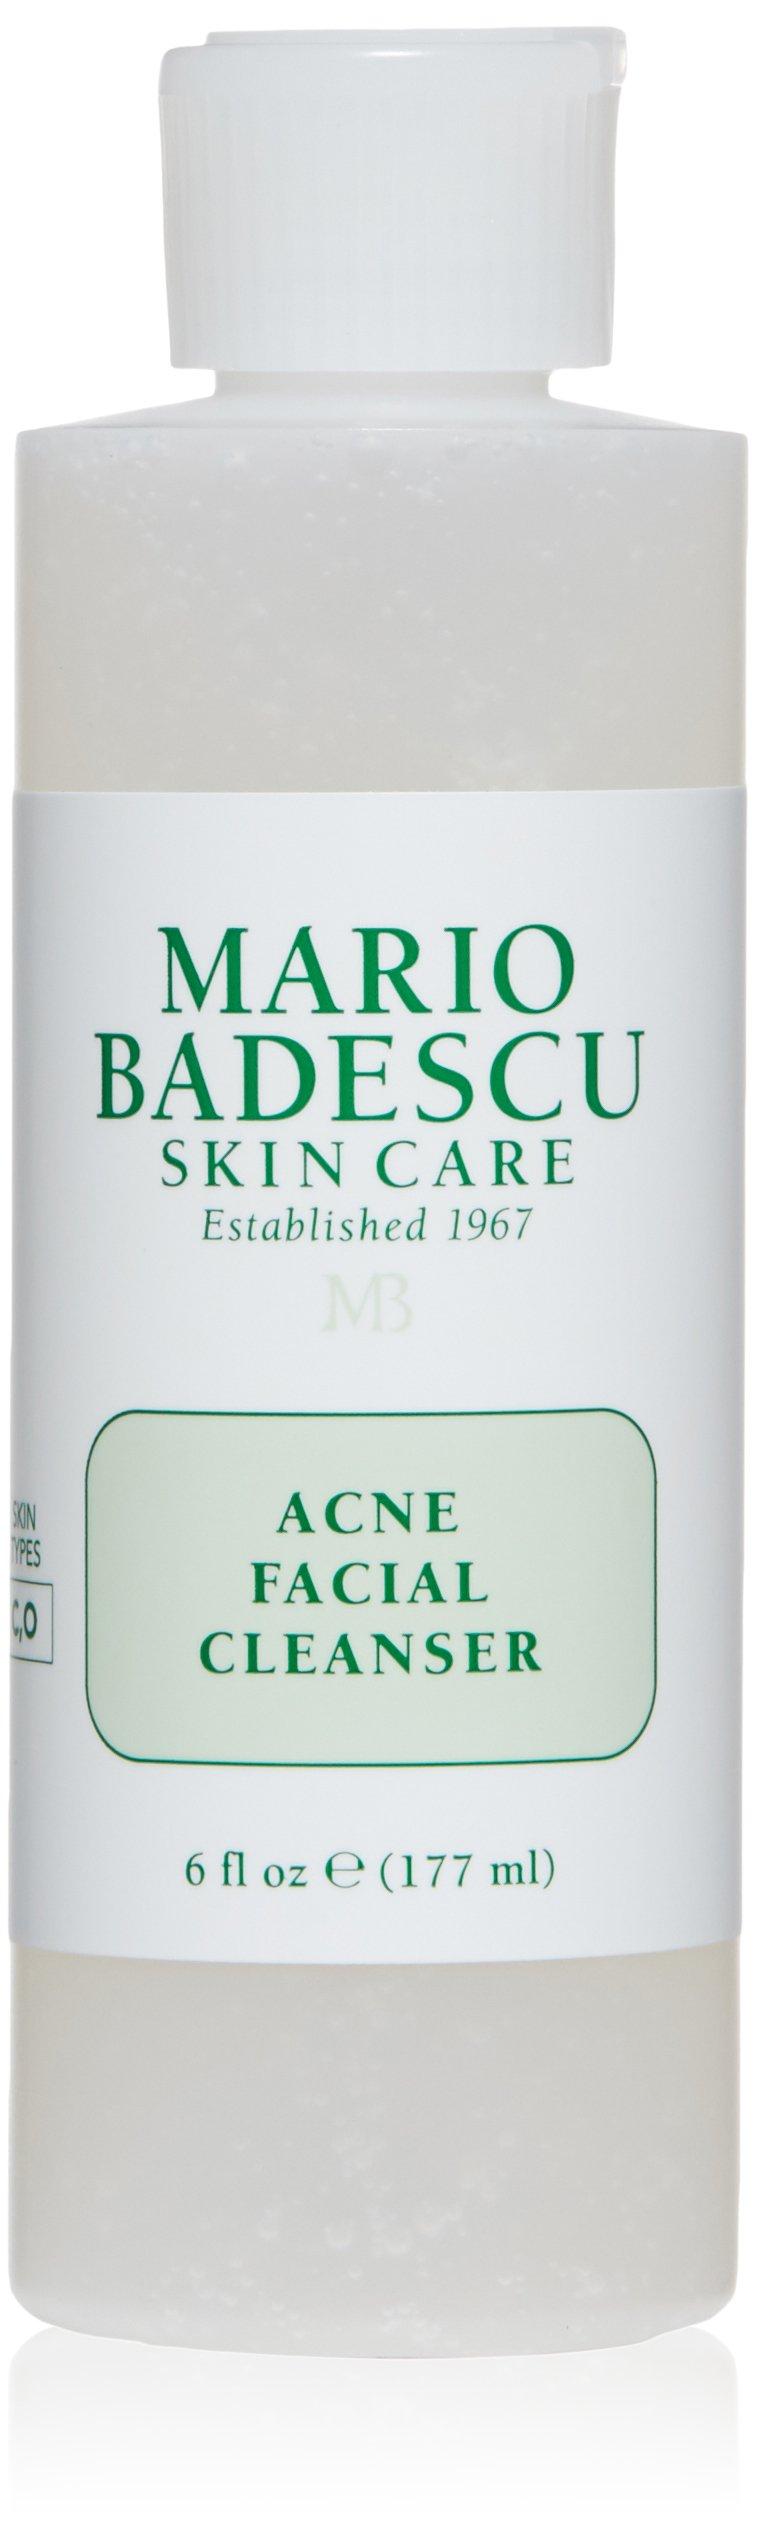 Mario Badescu Acne Facial Cleanser, 6 Fl Oz by Mario Badescu